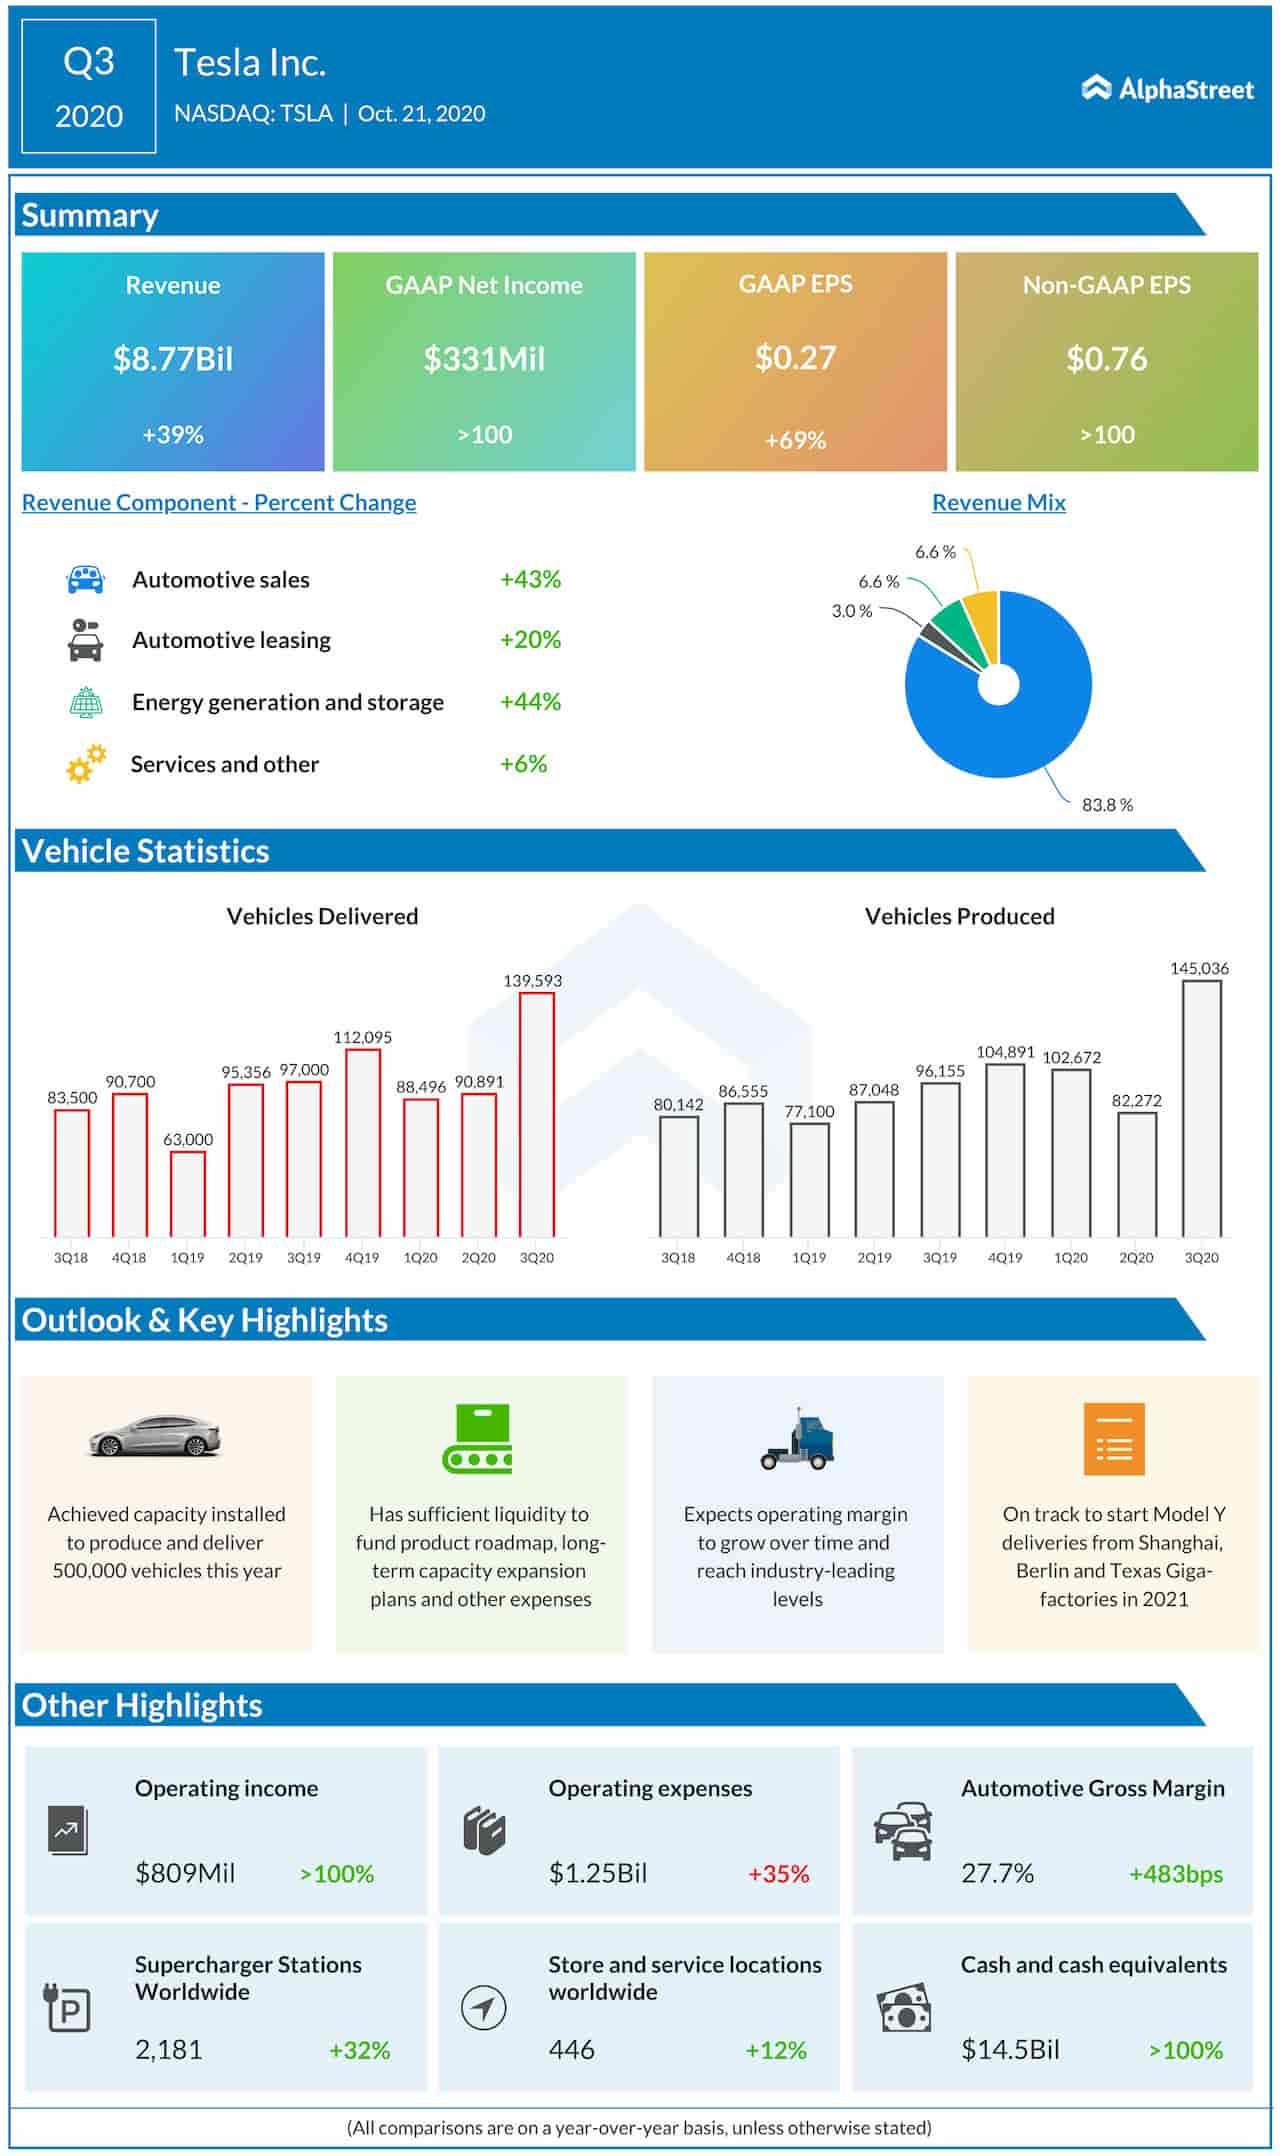 Tesla (TSLA) Q3 2020 Earnings Infographic